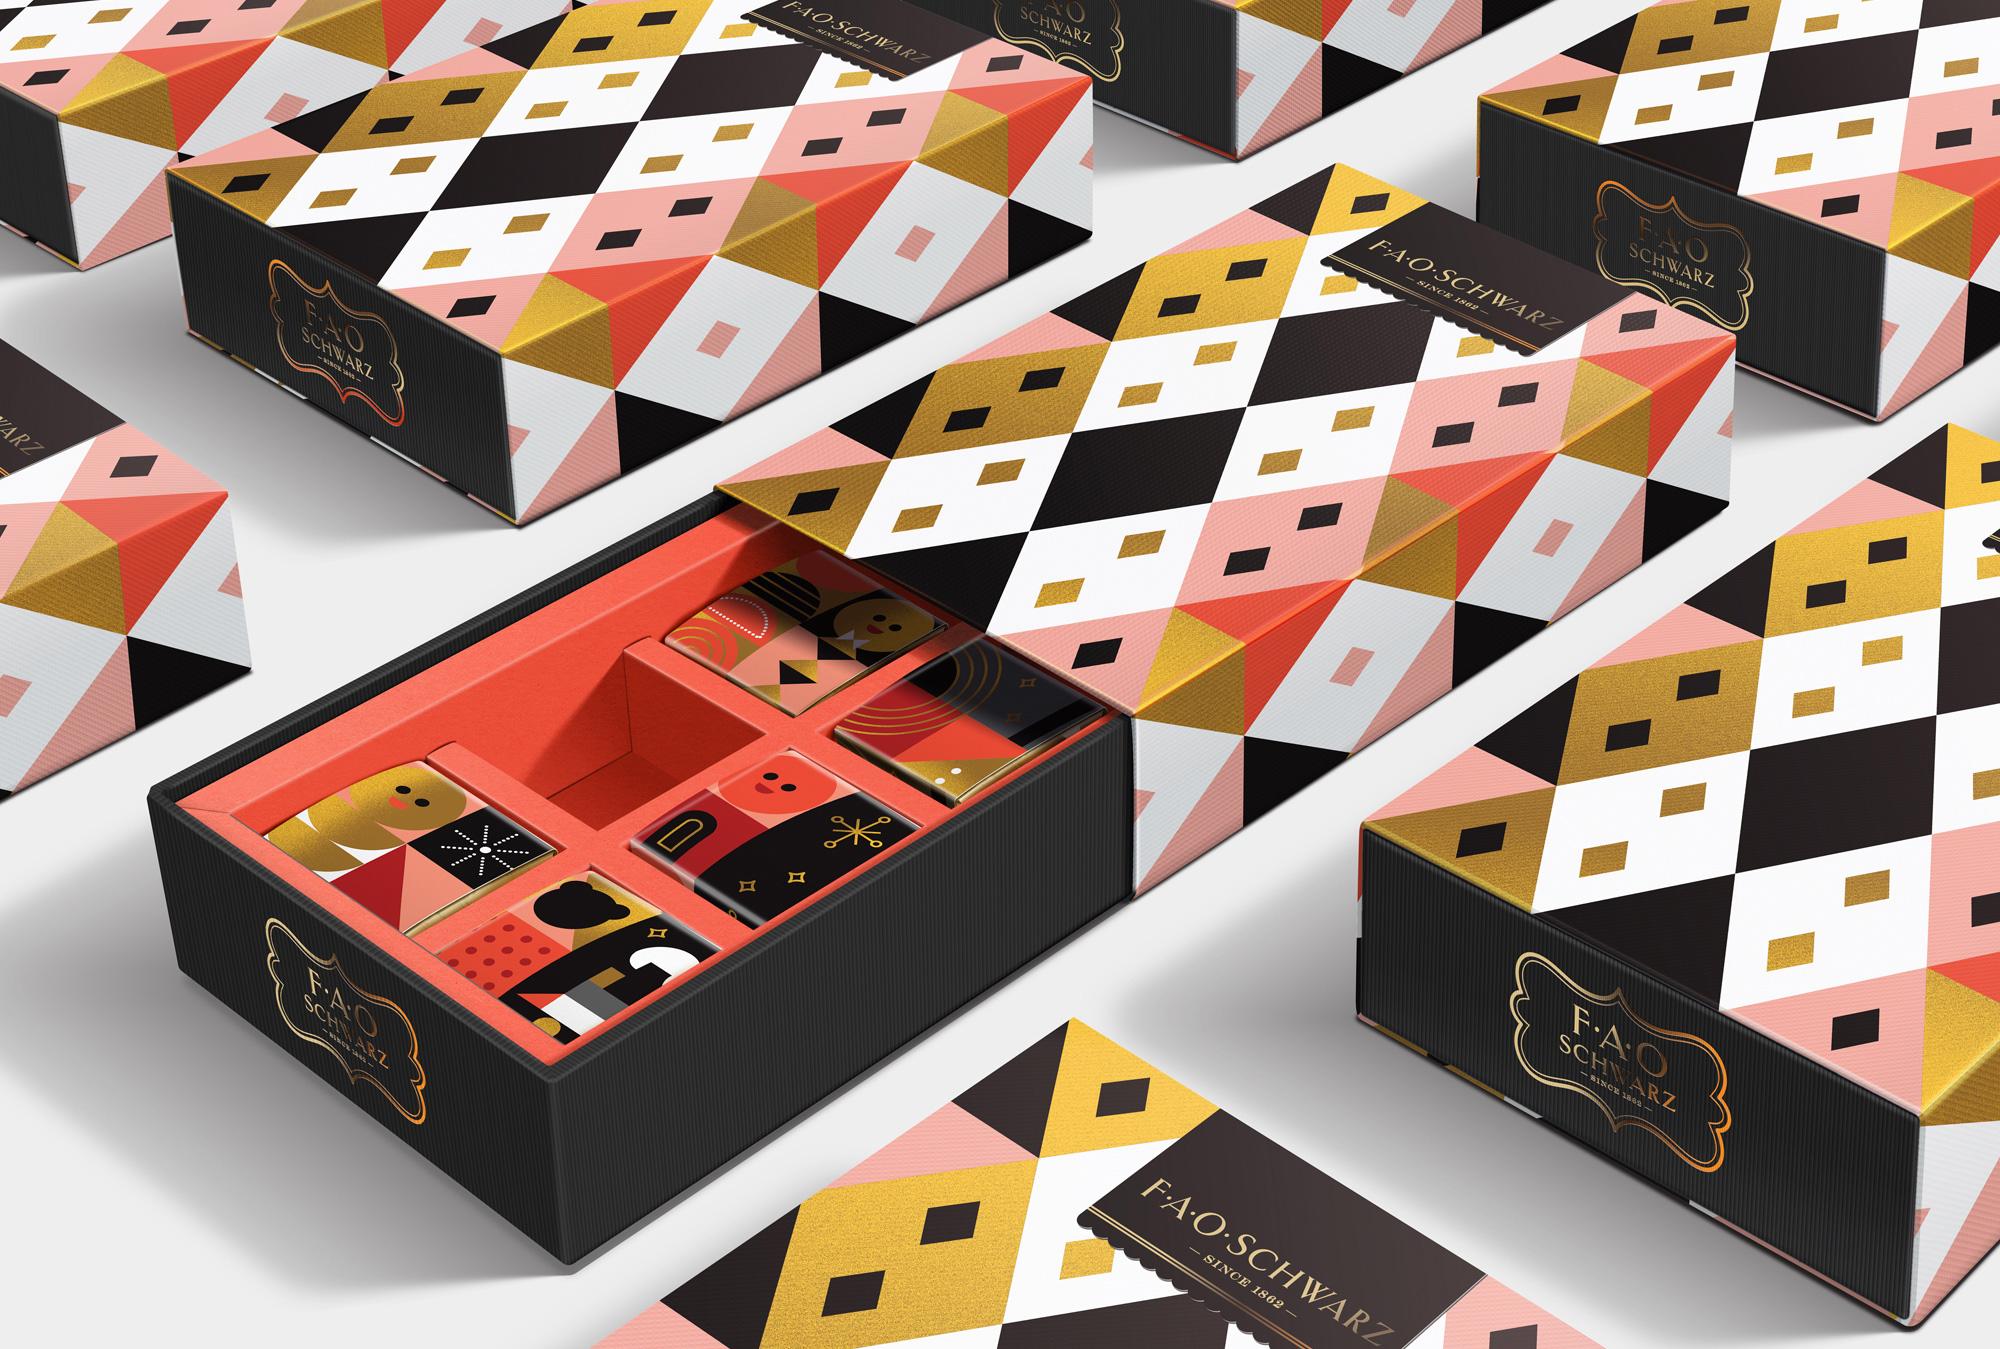 Packaging de la nueva identidad Fao Schwarz